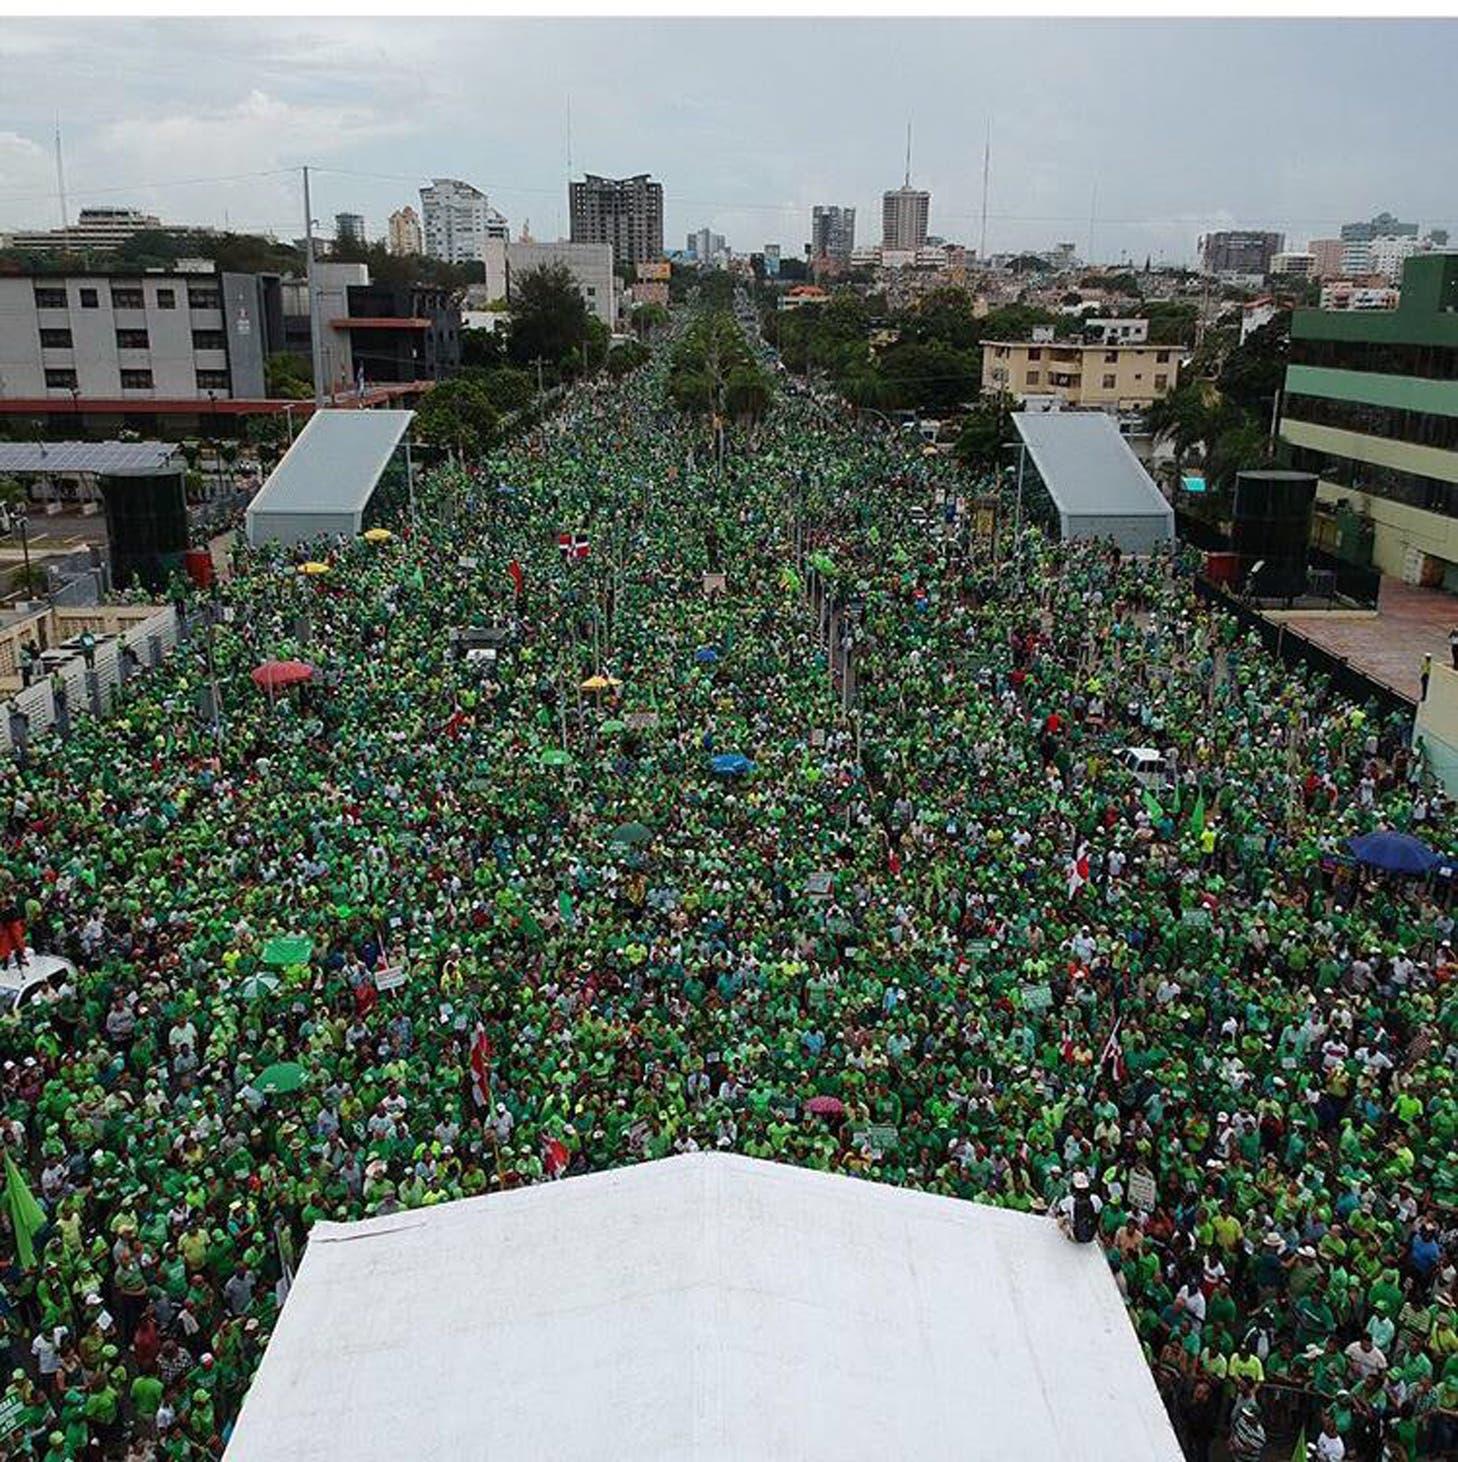 Video: Ciudadanos creen gobierno causó Marcha Verde se debilitara